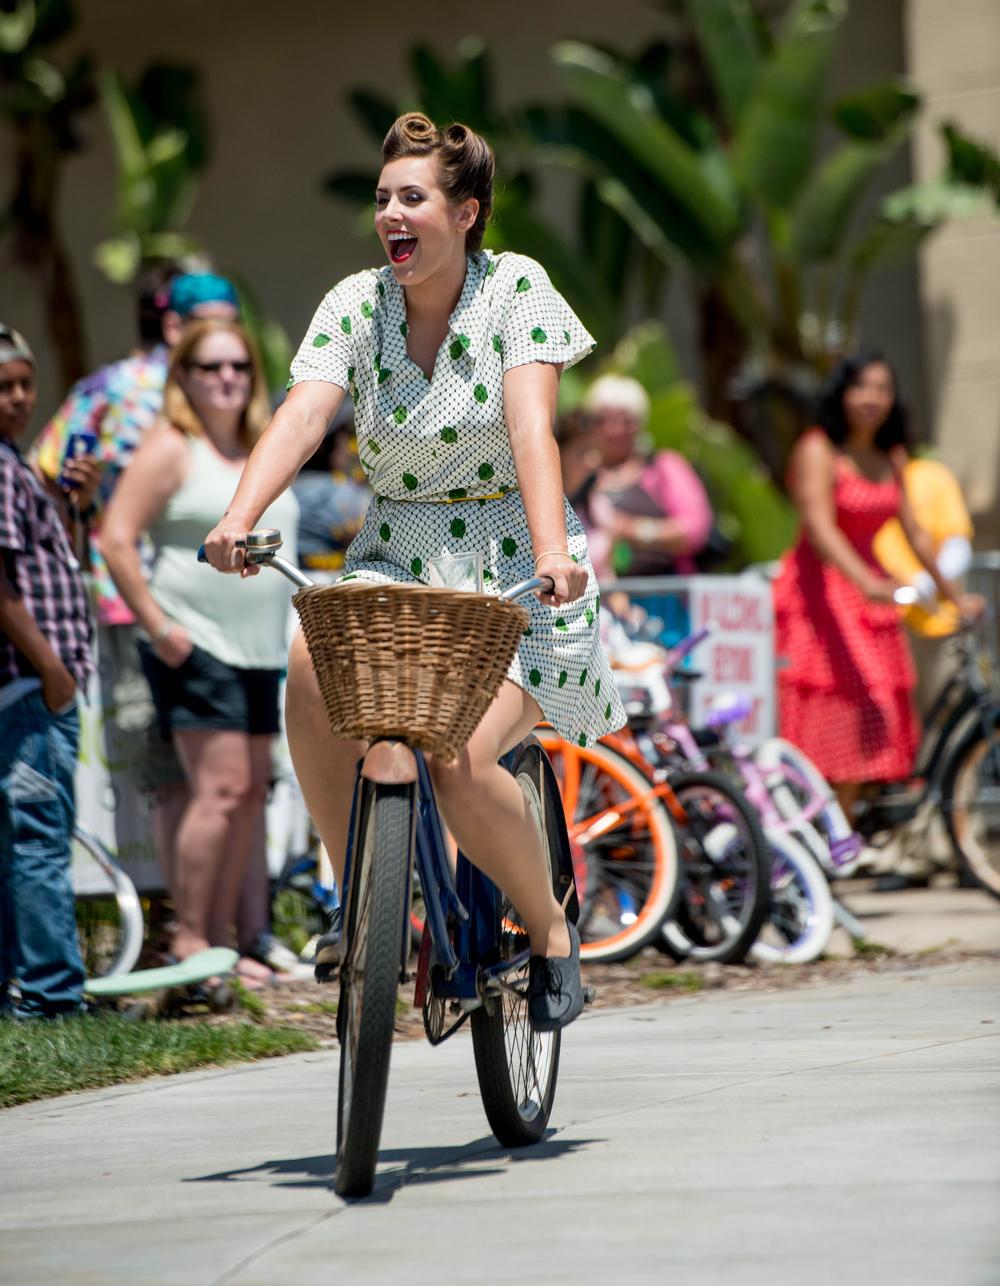 LB bike fest 2013-2640.jpg